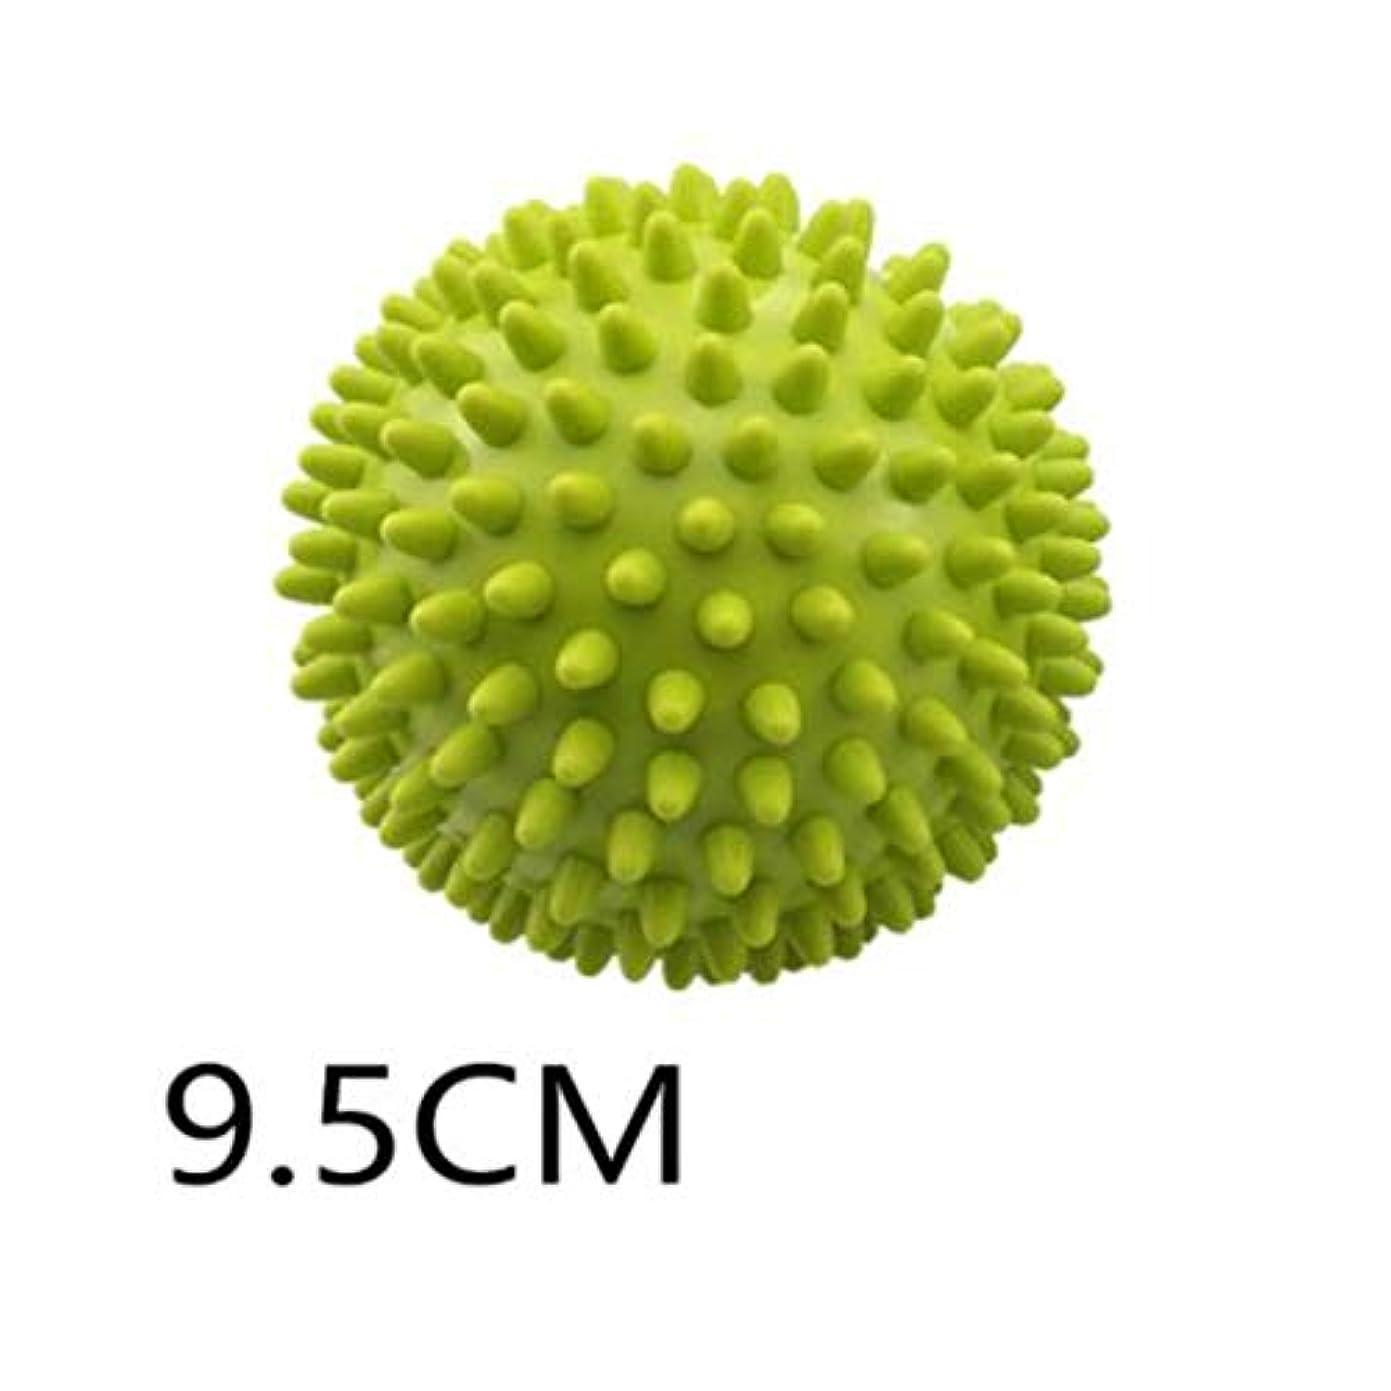 腐敗国どういたしましてとげのボール - グリーン